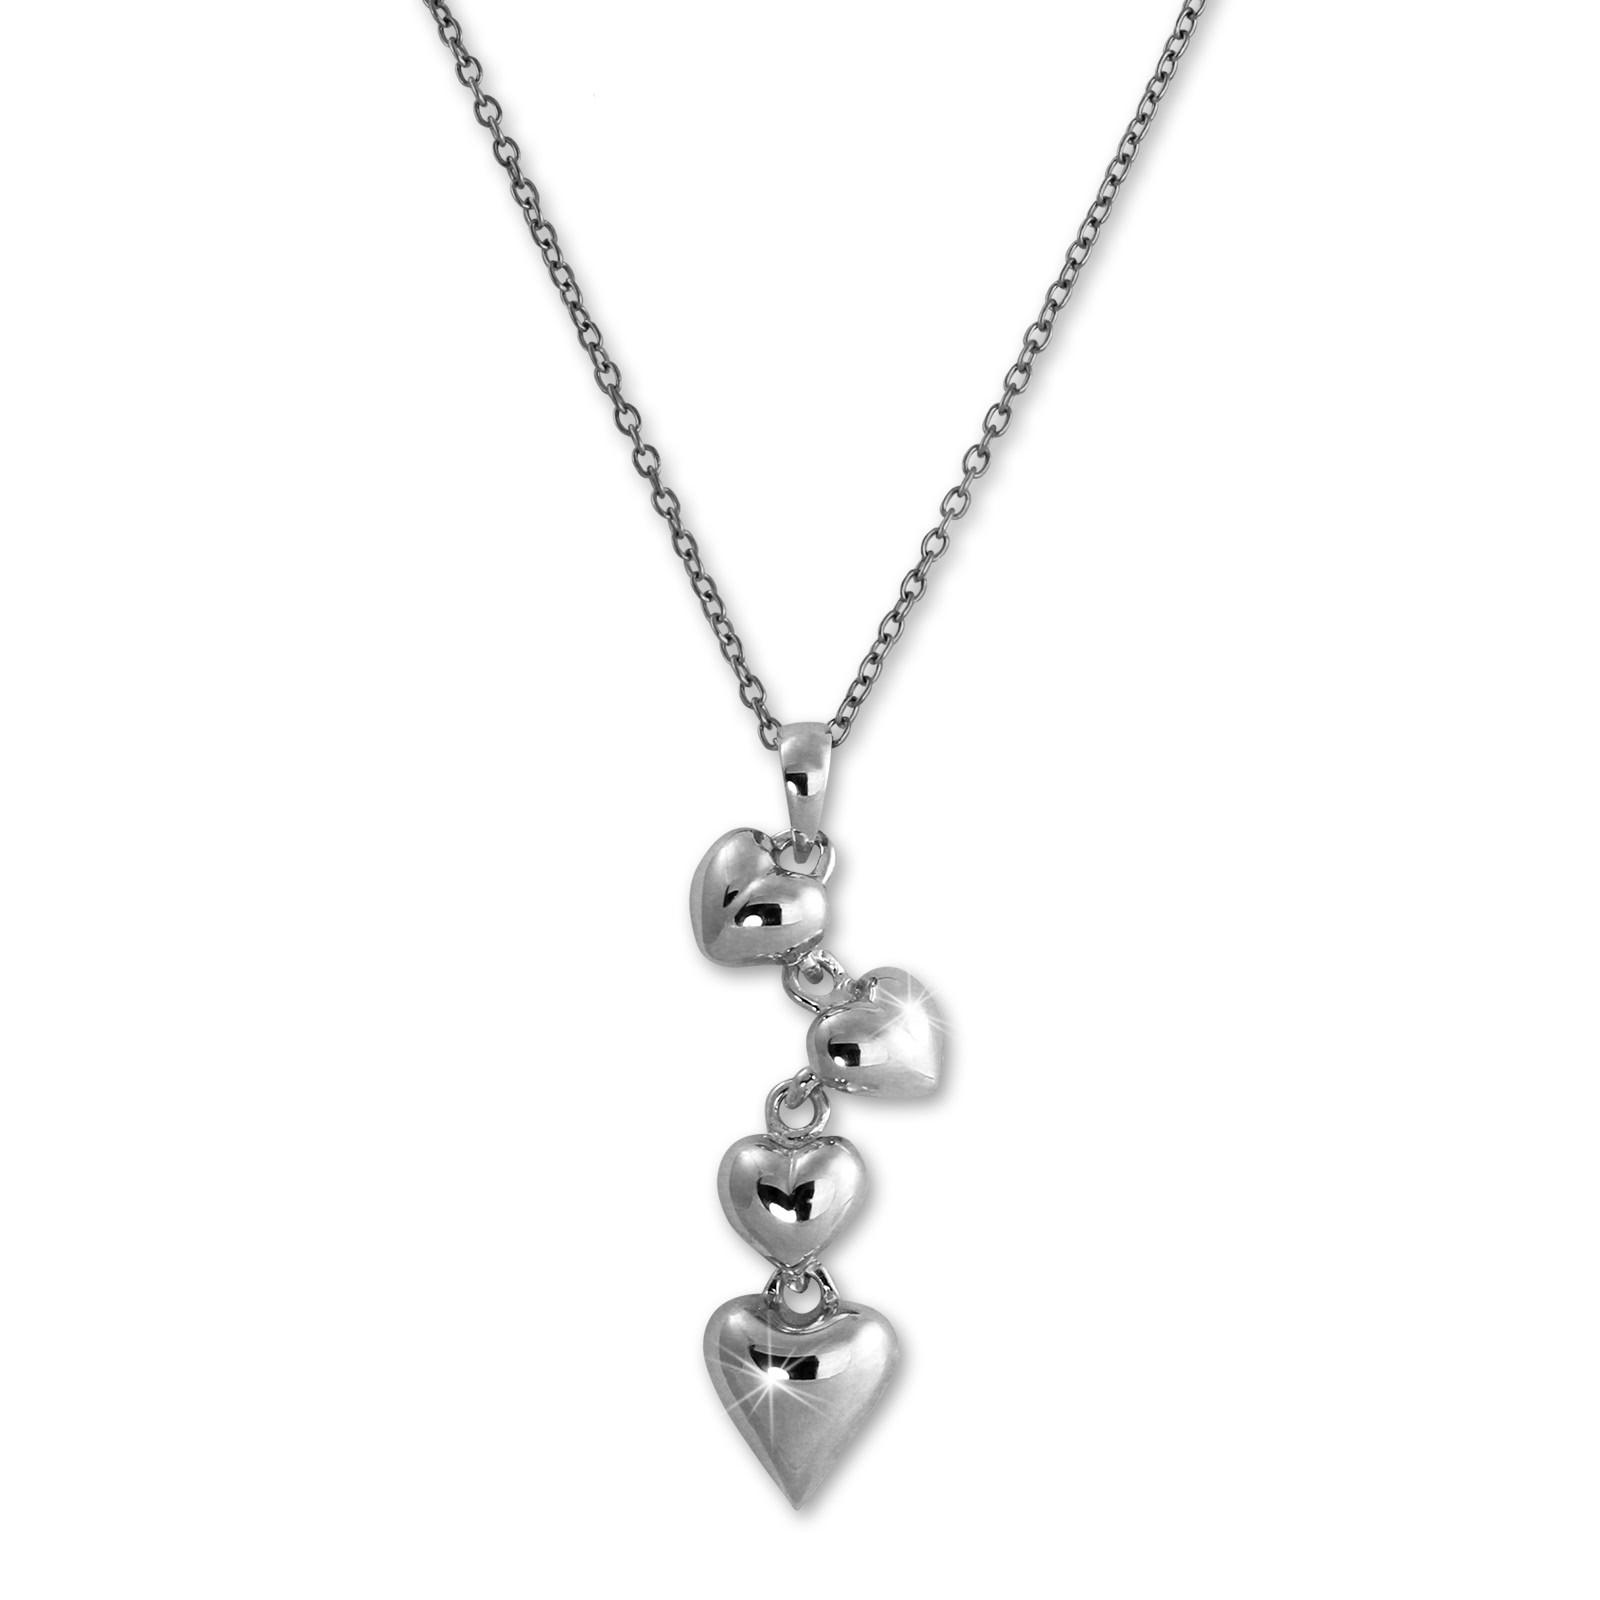 SilberDream Halskette mit Anhänger Herzen 44cm - 47cm 925er Silber SDK50644J